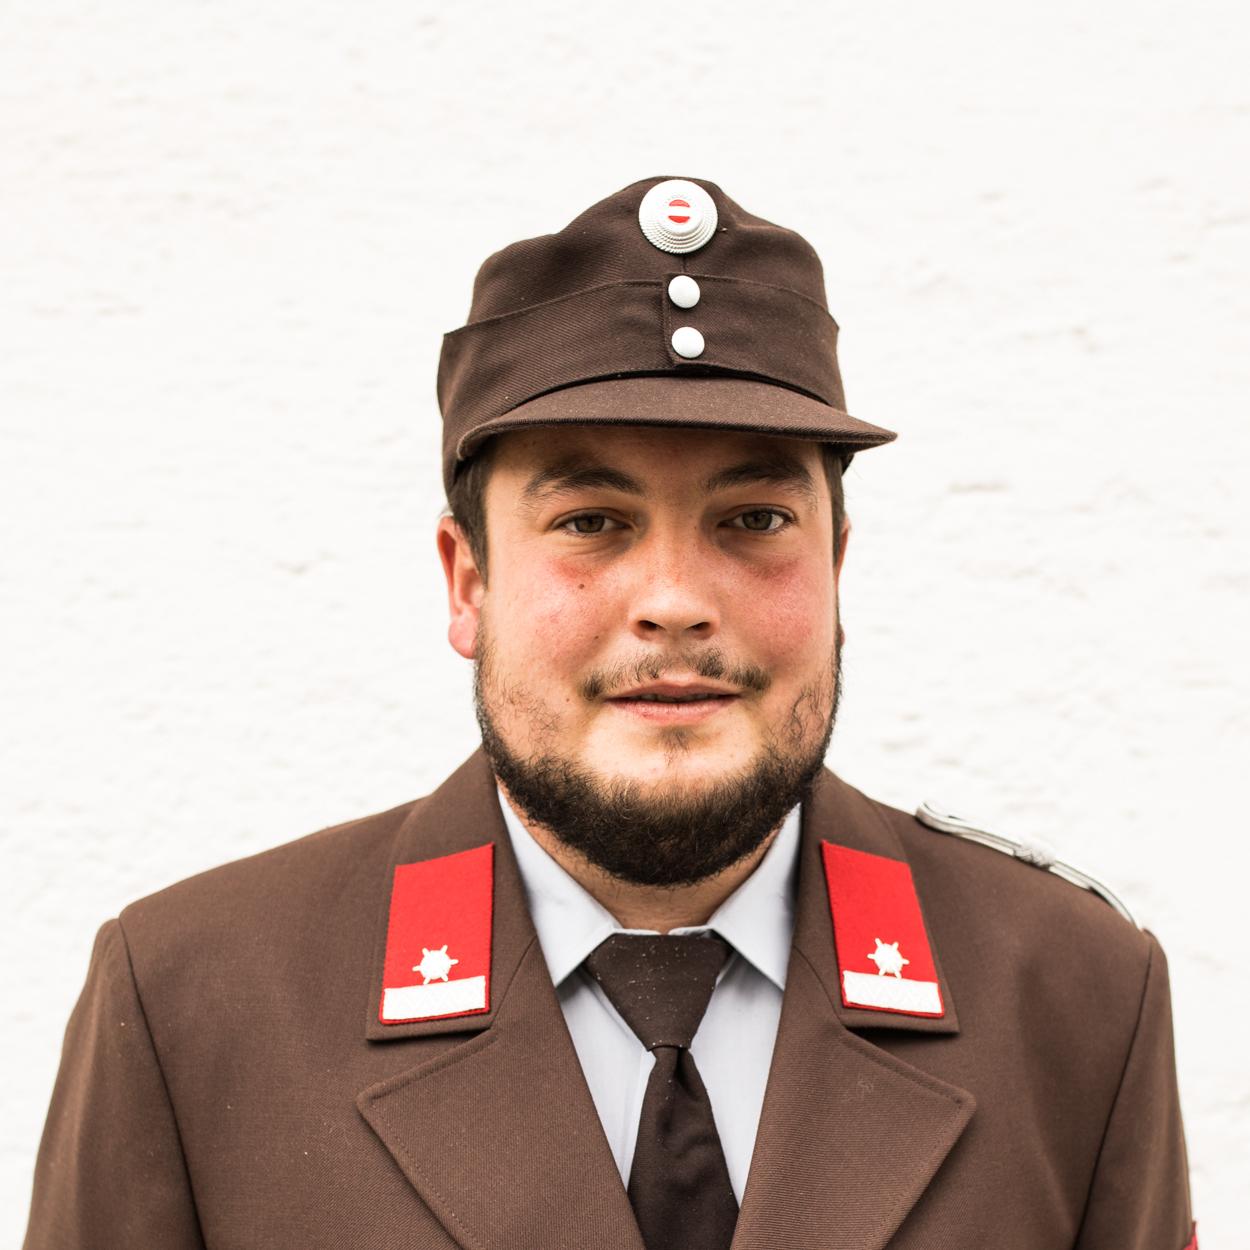 Pfausler Fabian